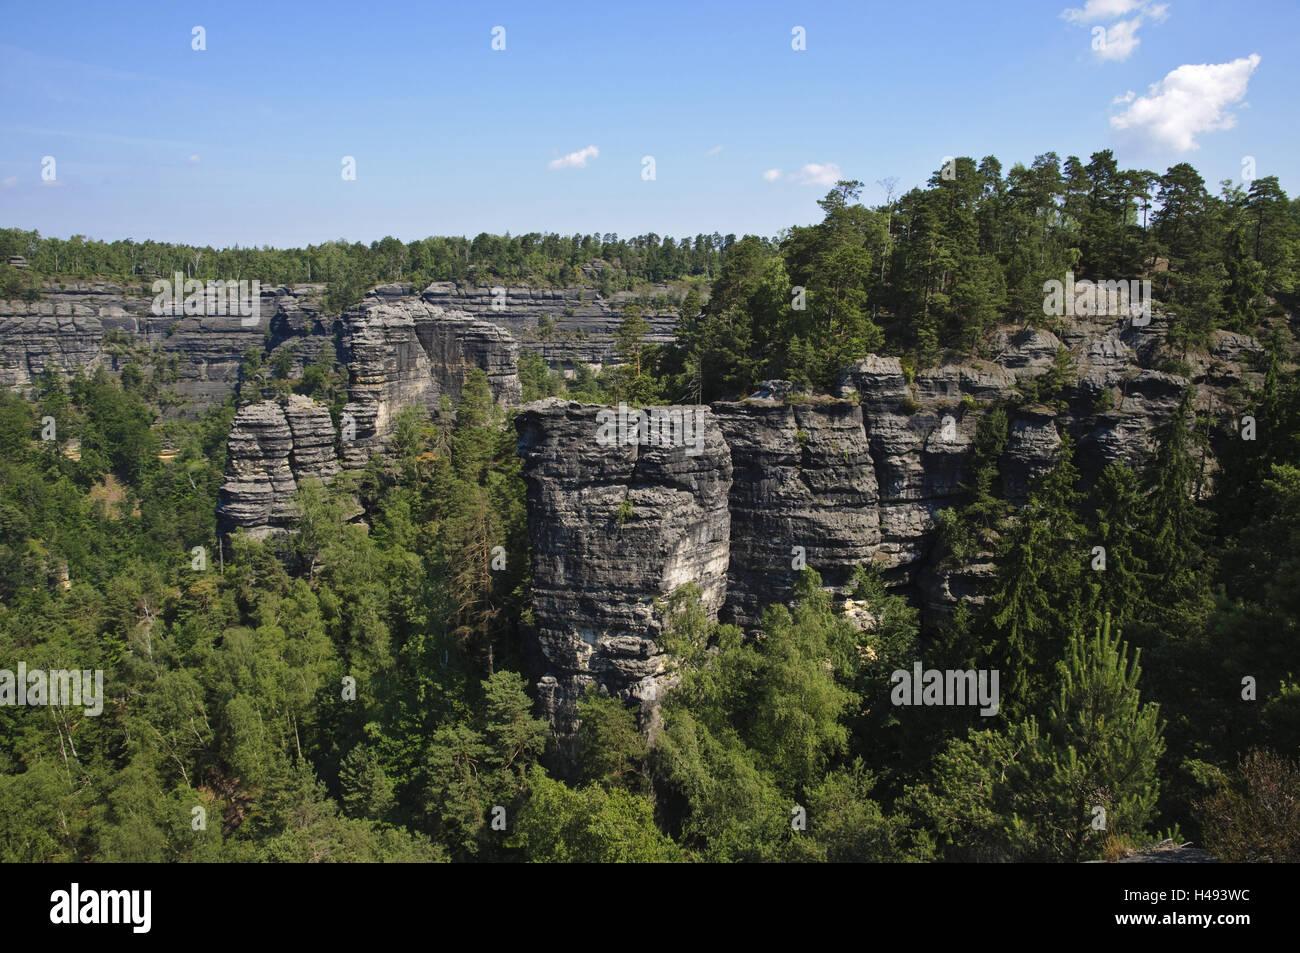 Prebischtor, rock, Elbsandsteingebirge, Böhmische Switzerland, Czechia, - Stock Image